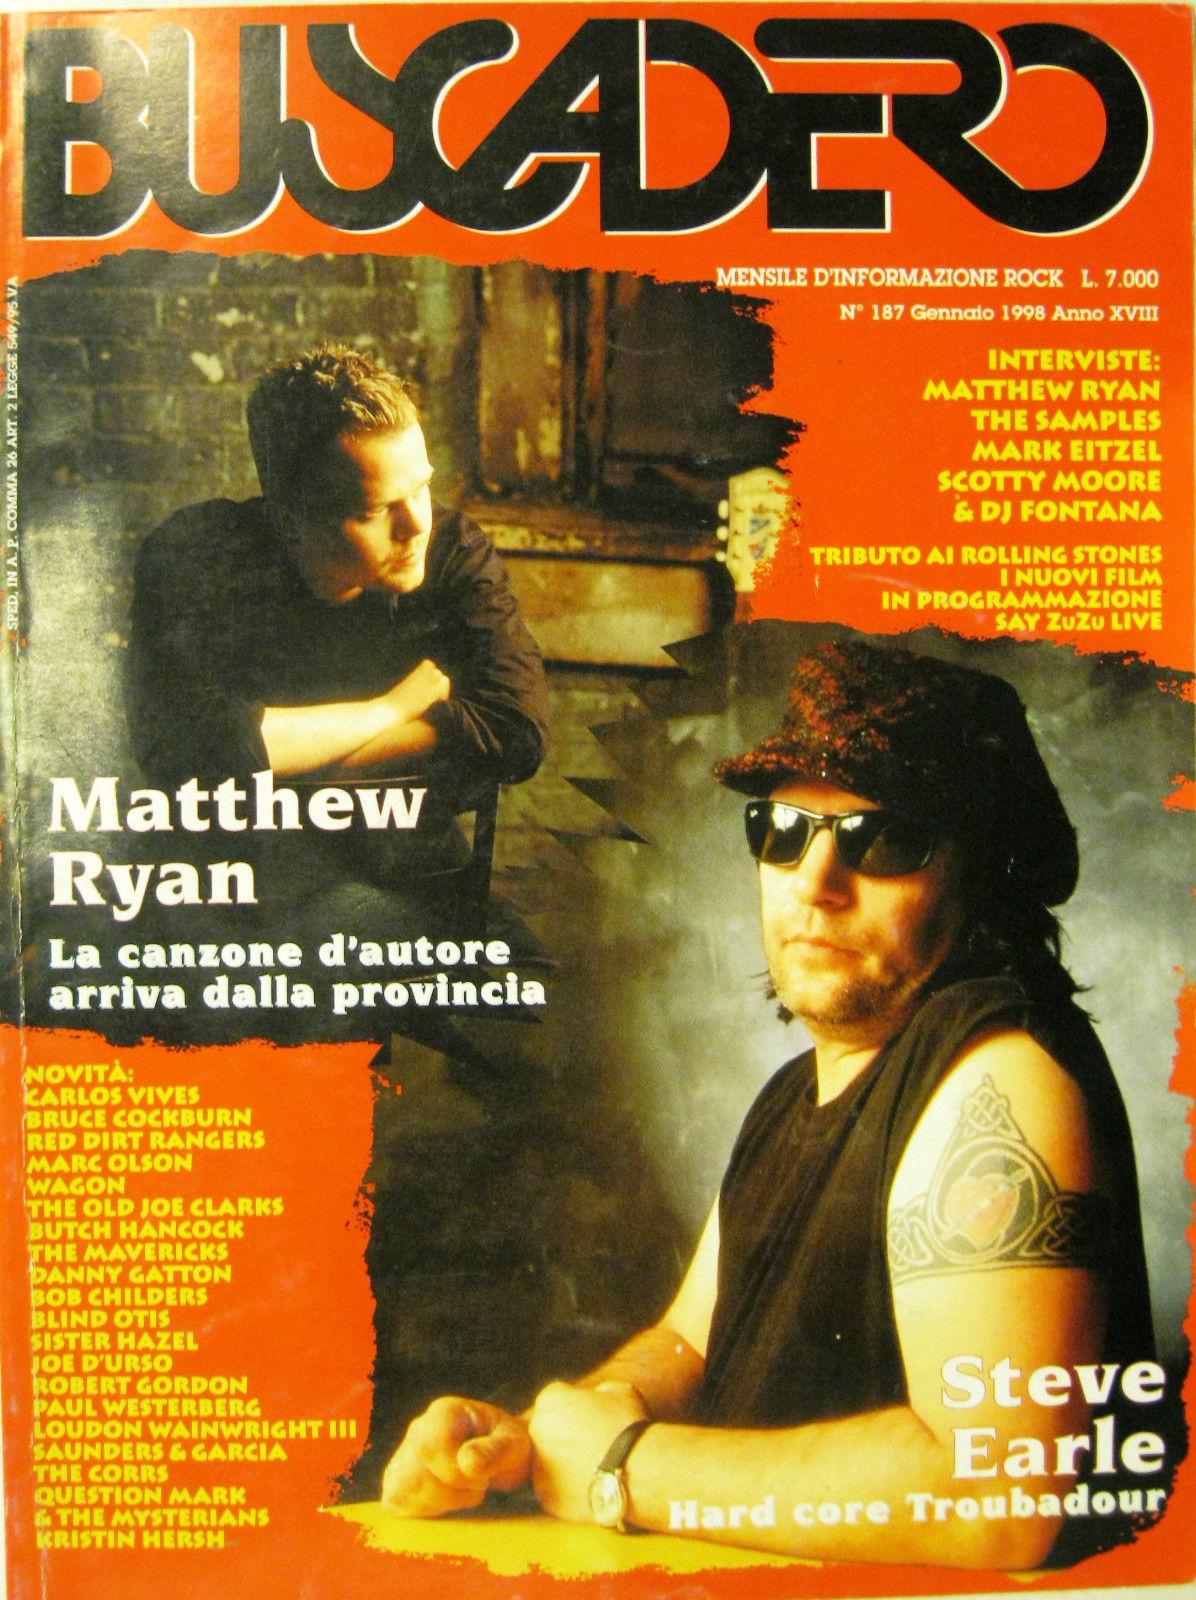 Buscadero n. 187 (gennaio 1998)